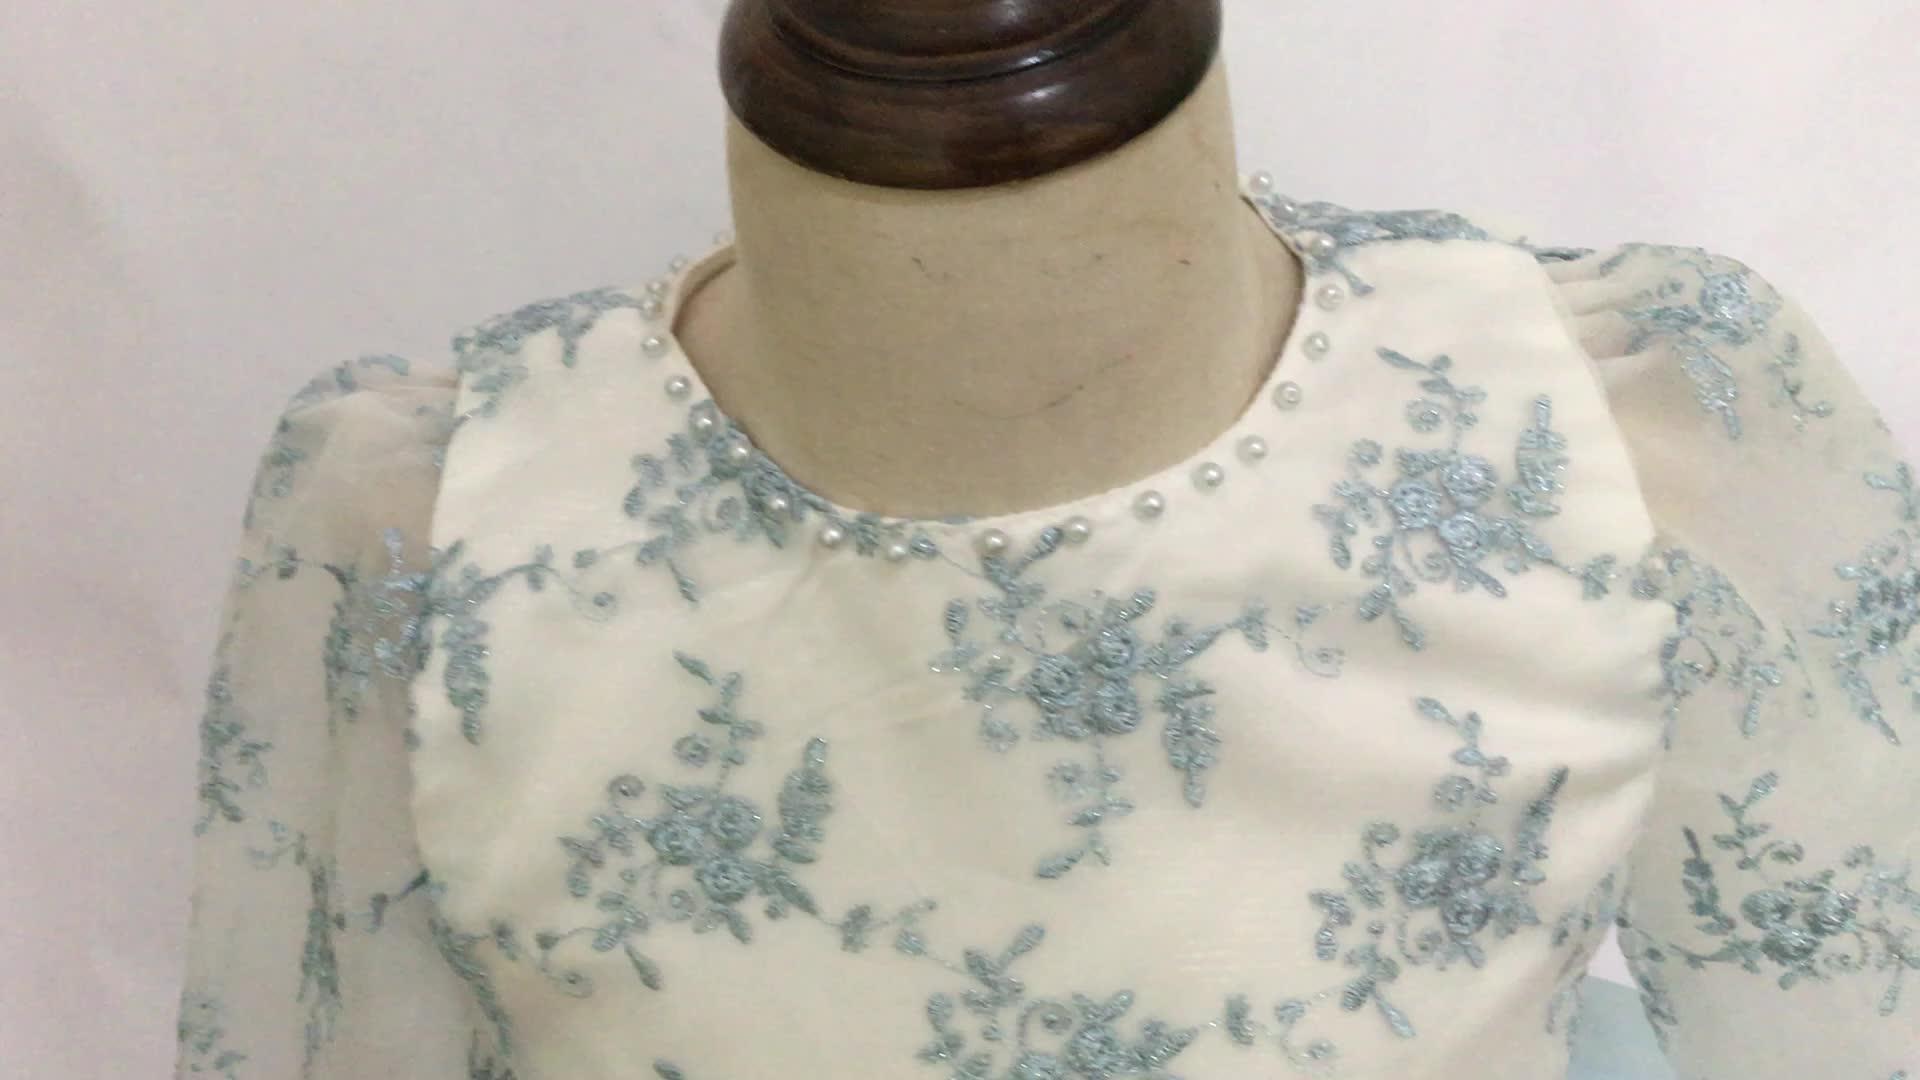 ページェントドレス vestido デプリメーラ comunion ヴィンテージ刺繍フラワーガールのドレスウェディング